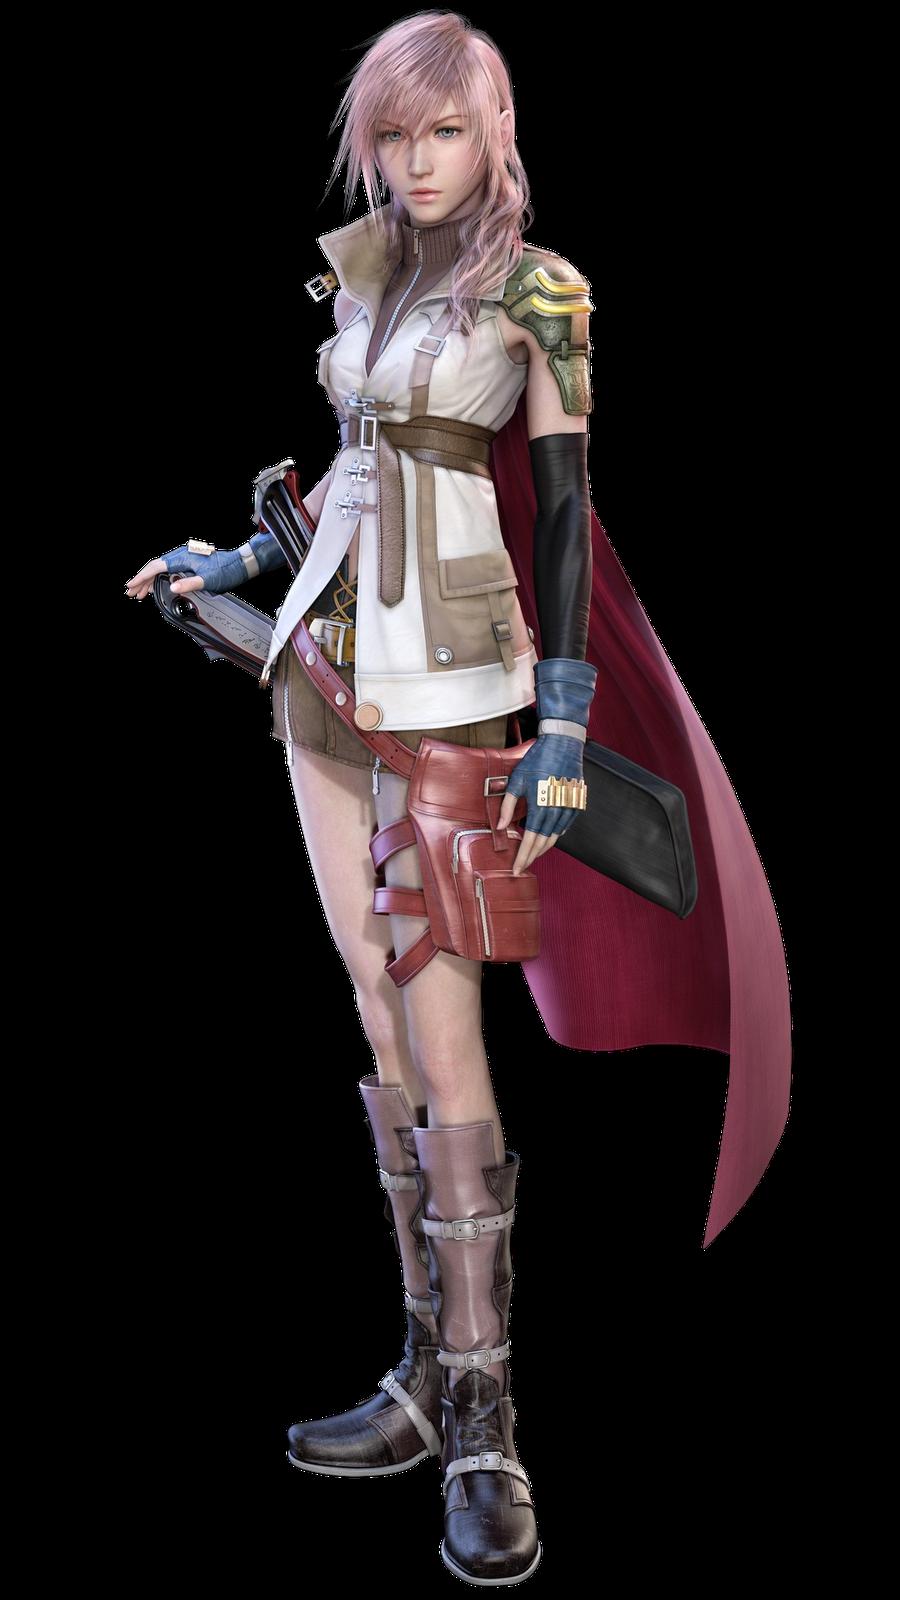 Final Fantasy Fundo invisivel Lightning1